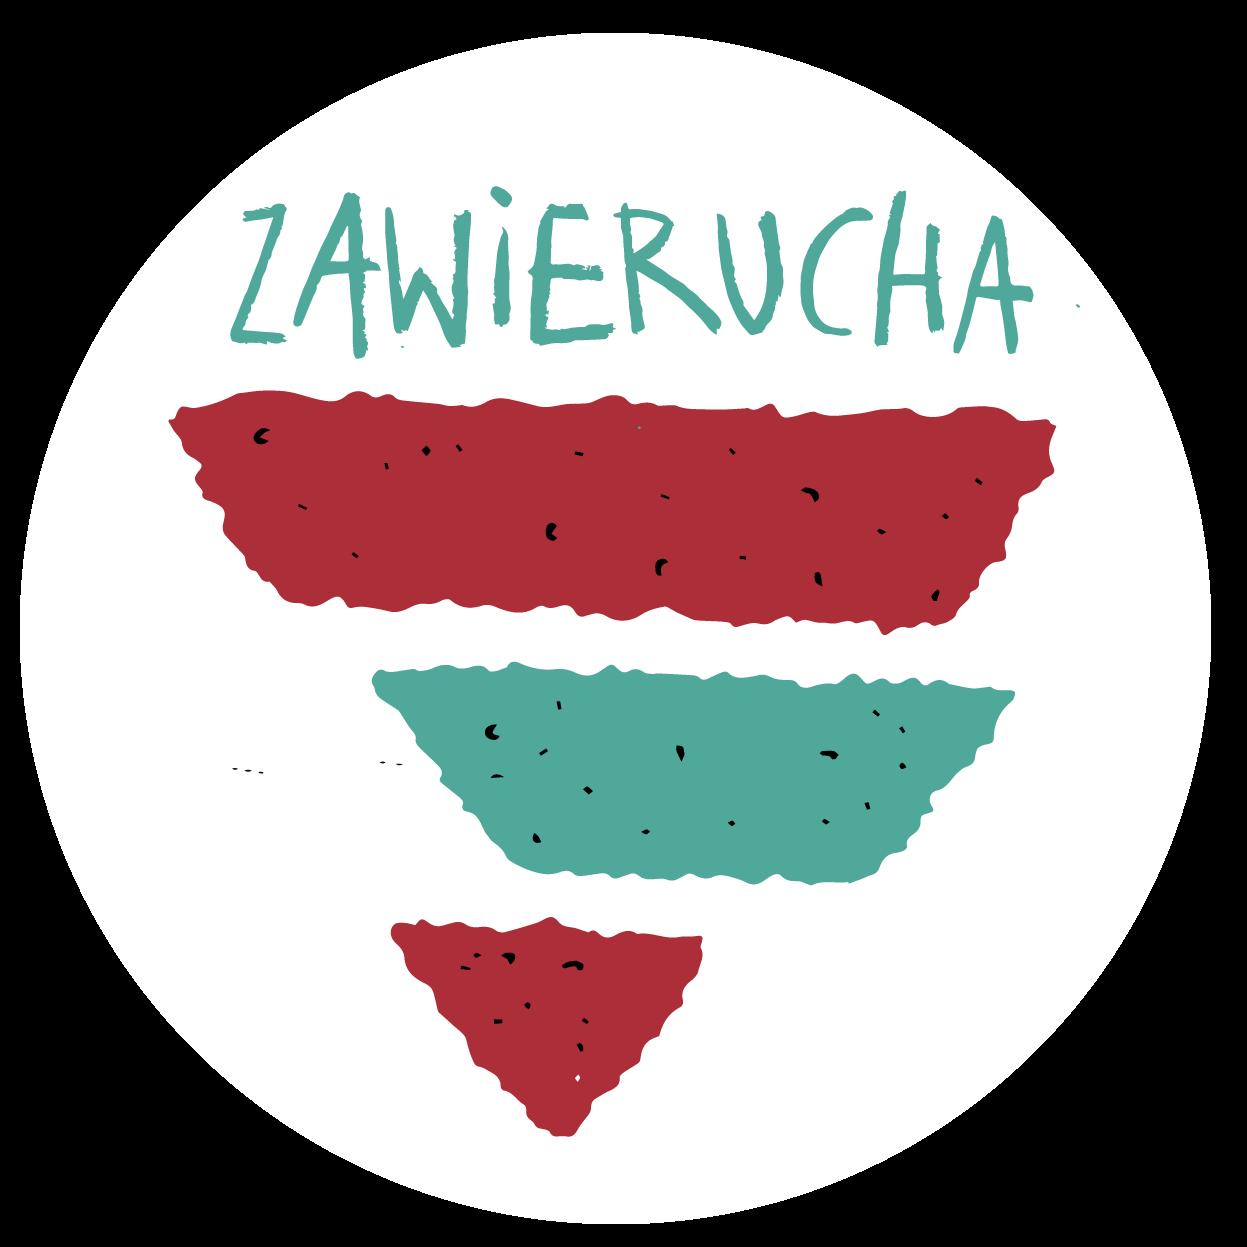 Membership + Vote for ZAWIERUCHA